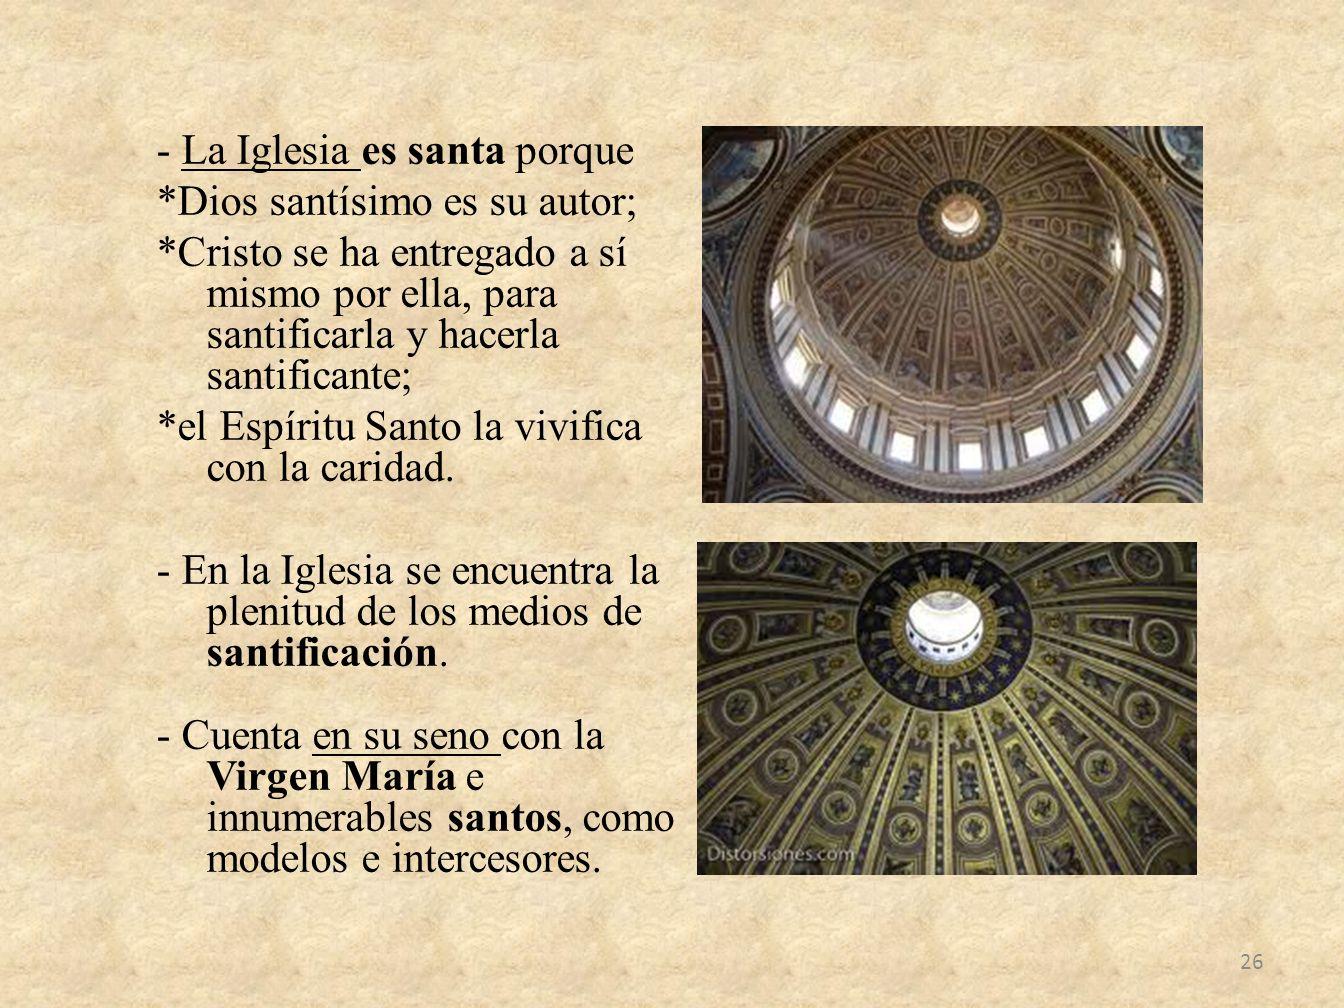 - La Iglesia es santa porque *Dios santísimo es su autor; *Cristo se ha entregado a sí mismo por ella, para santificarla y hacerla santificante; *el E